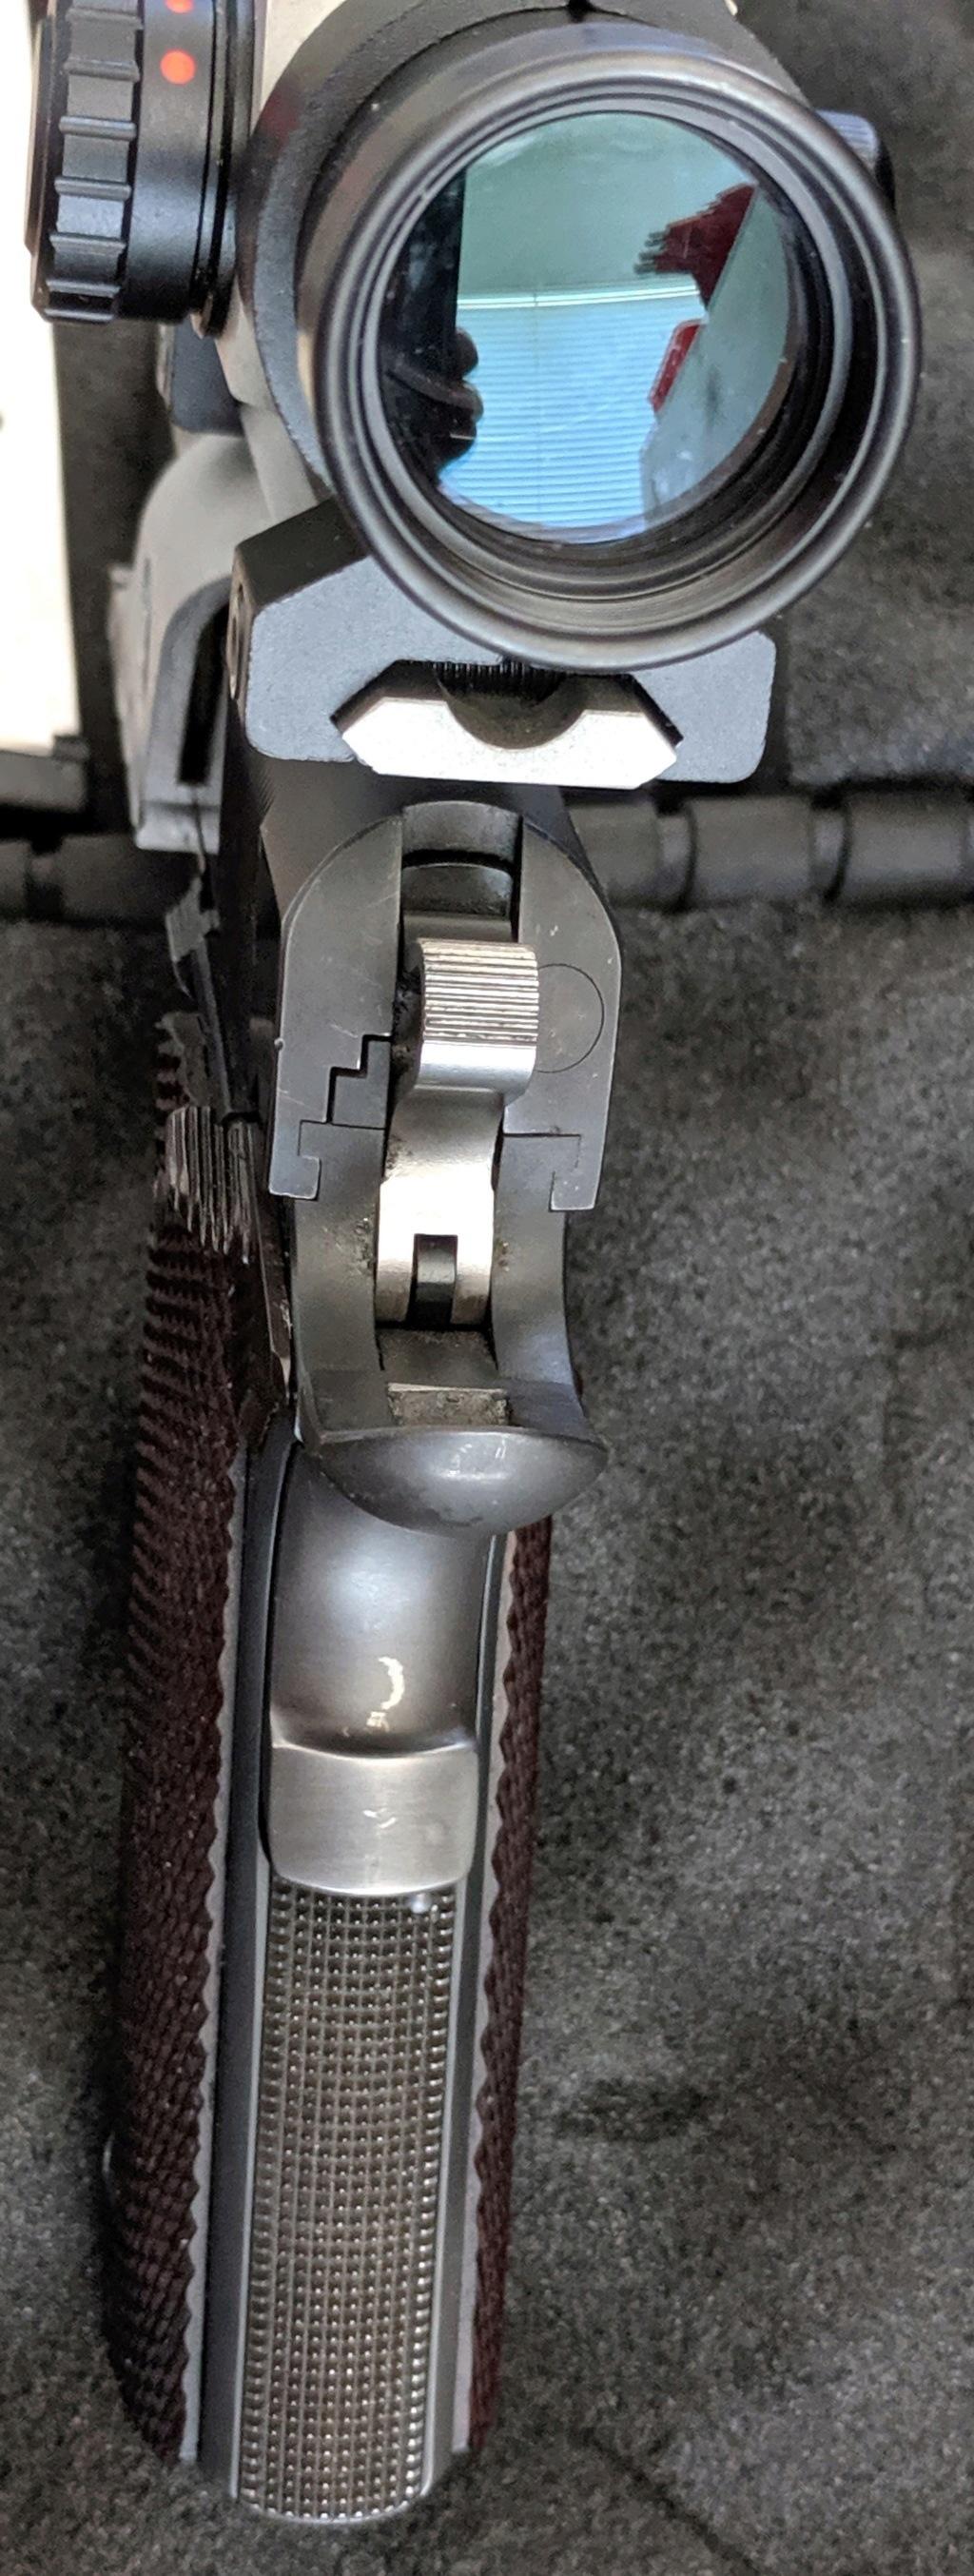 SOLD, pending funds - Les Baer Custom 1911 Bullseye Wadcutter Pistol Img_2119